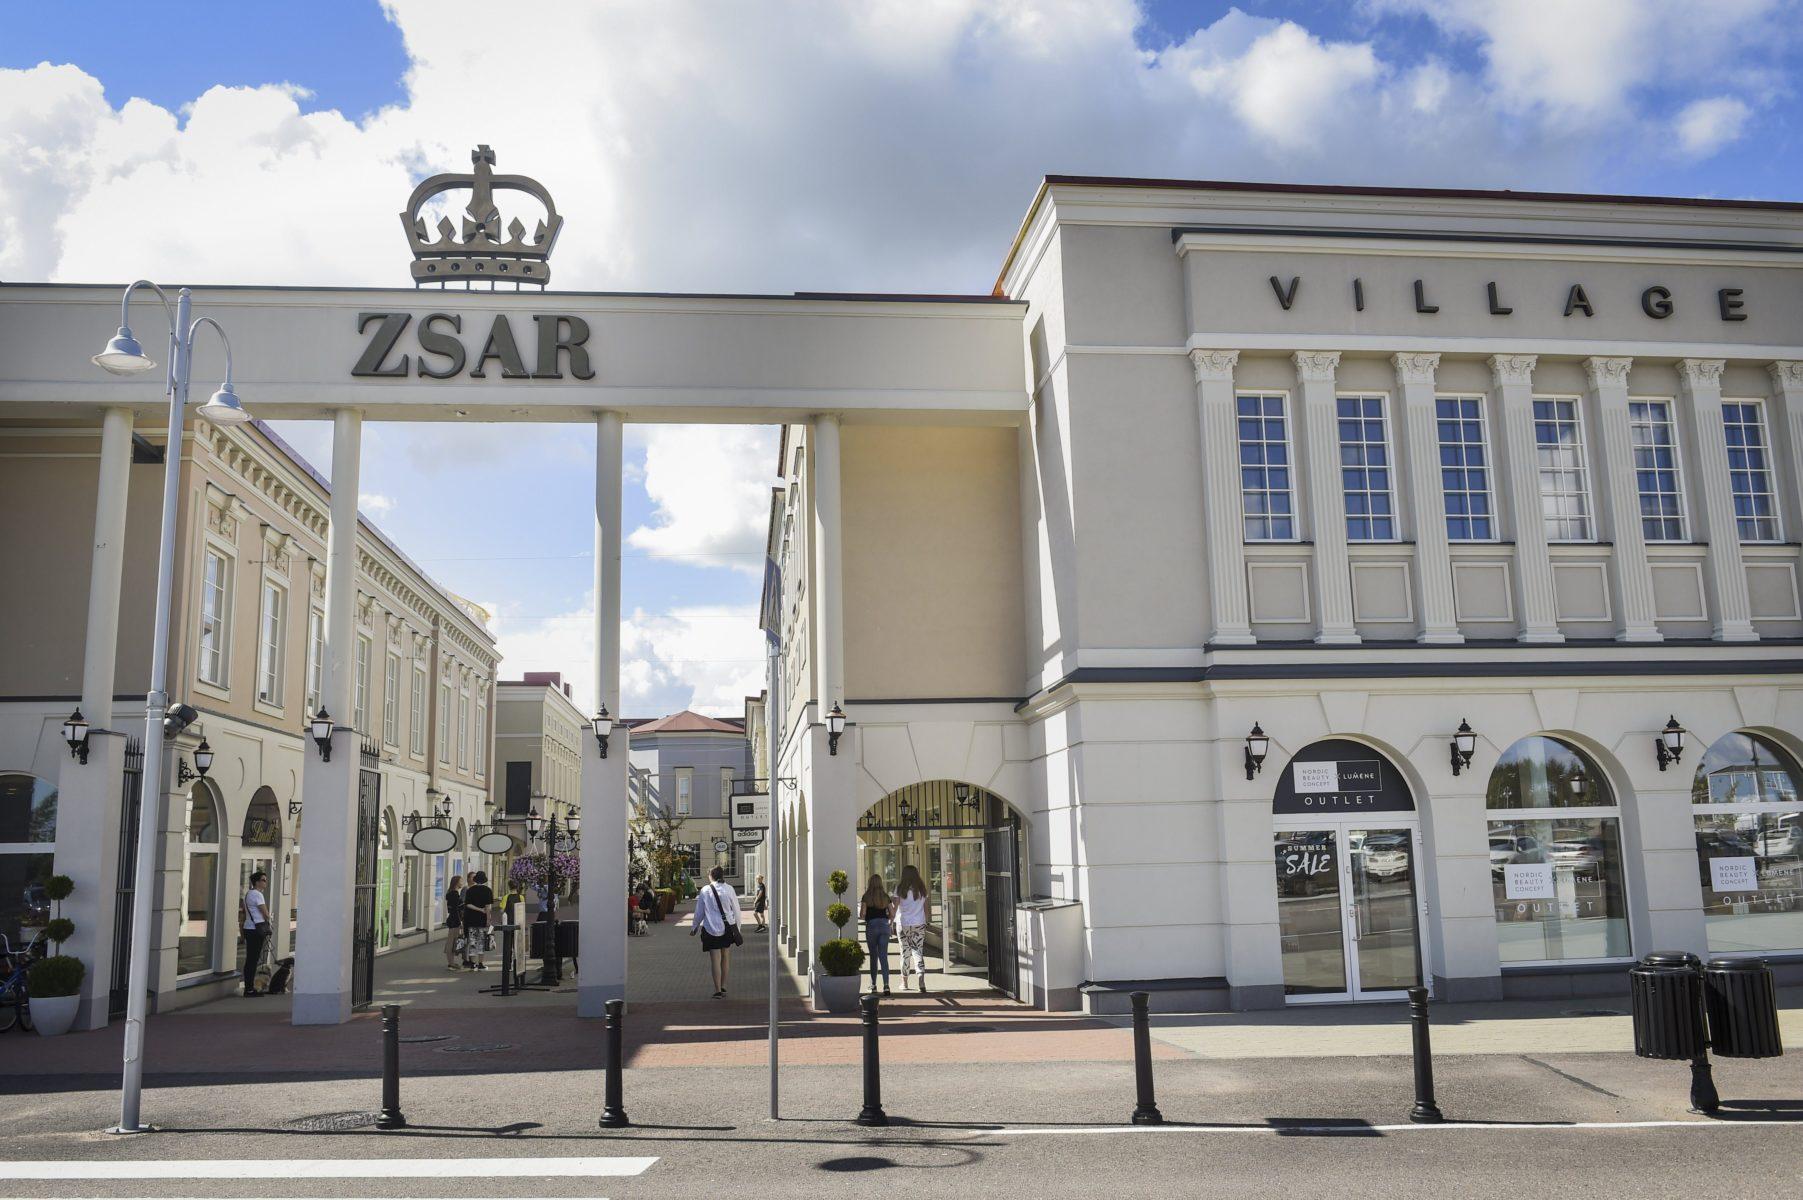 Zsar Outlet Village -kauppakeskus Virolahdella 13. heinäkuuta 2020.